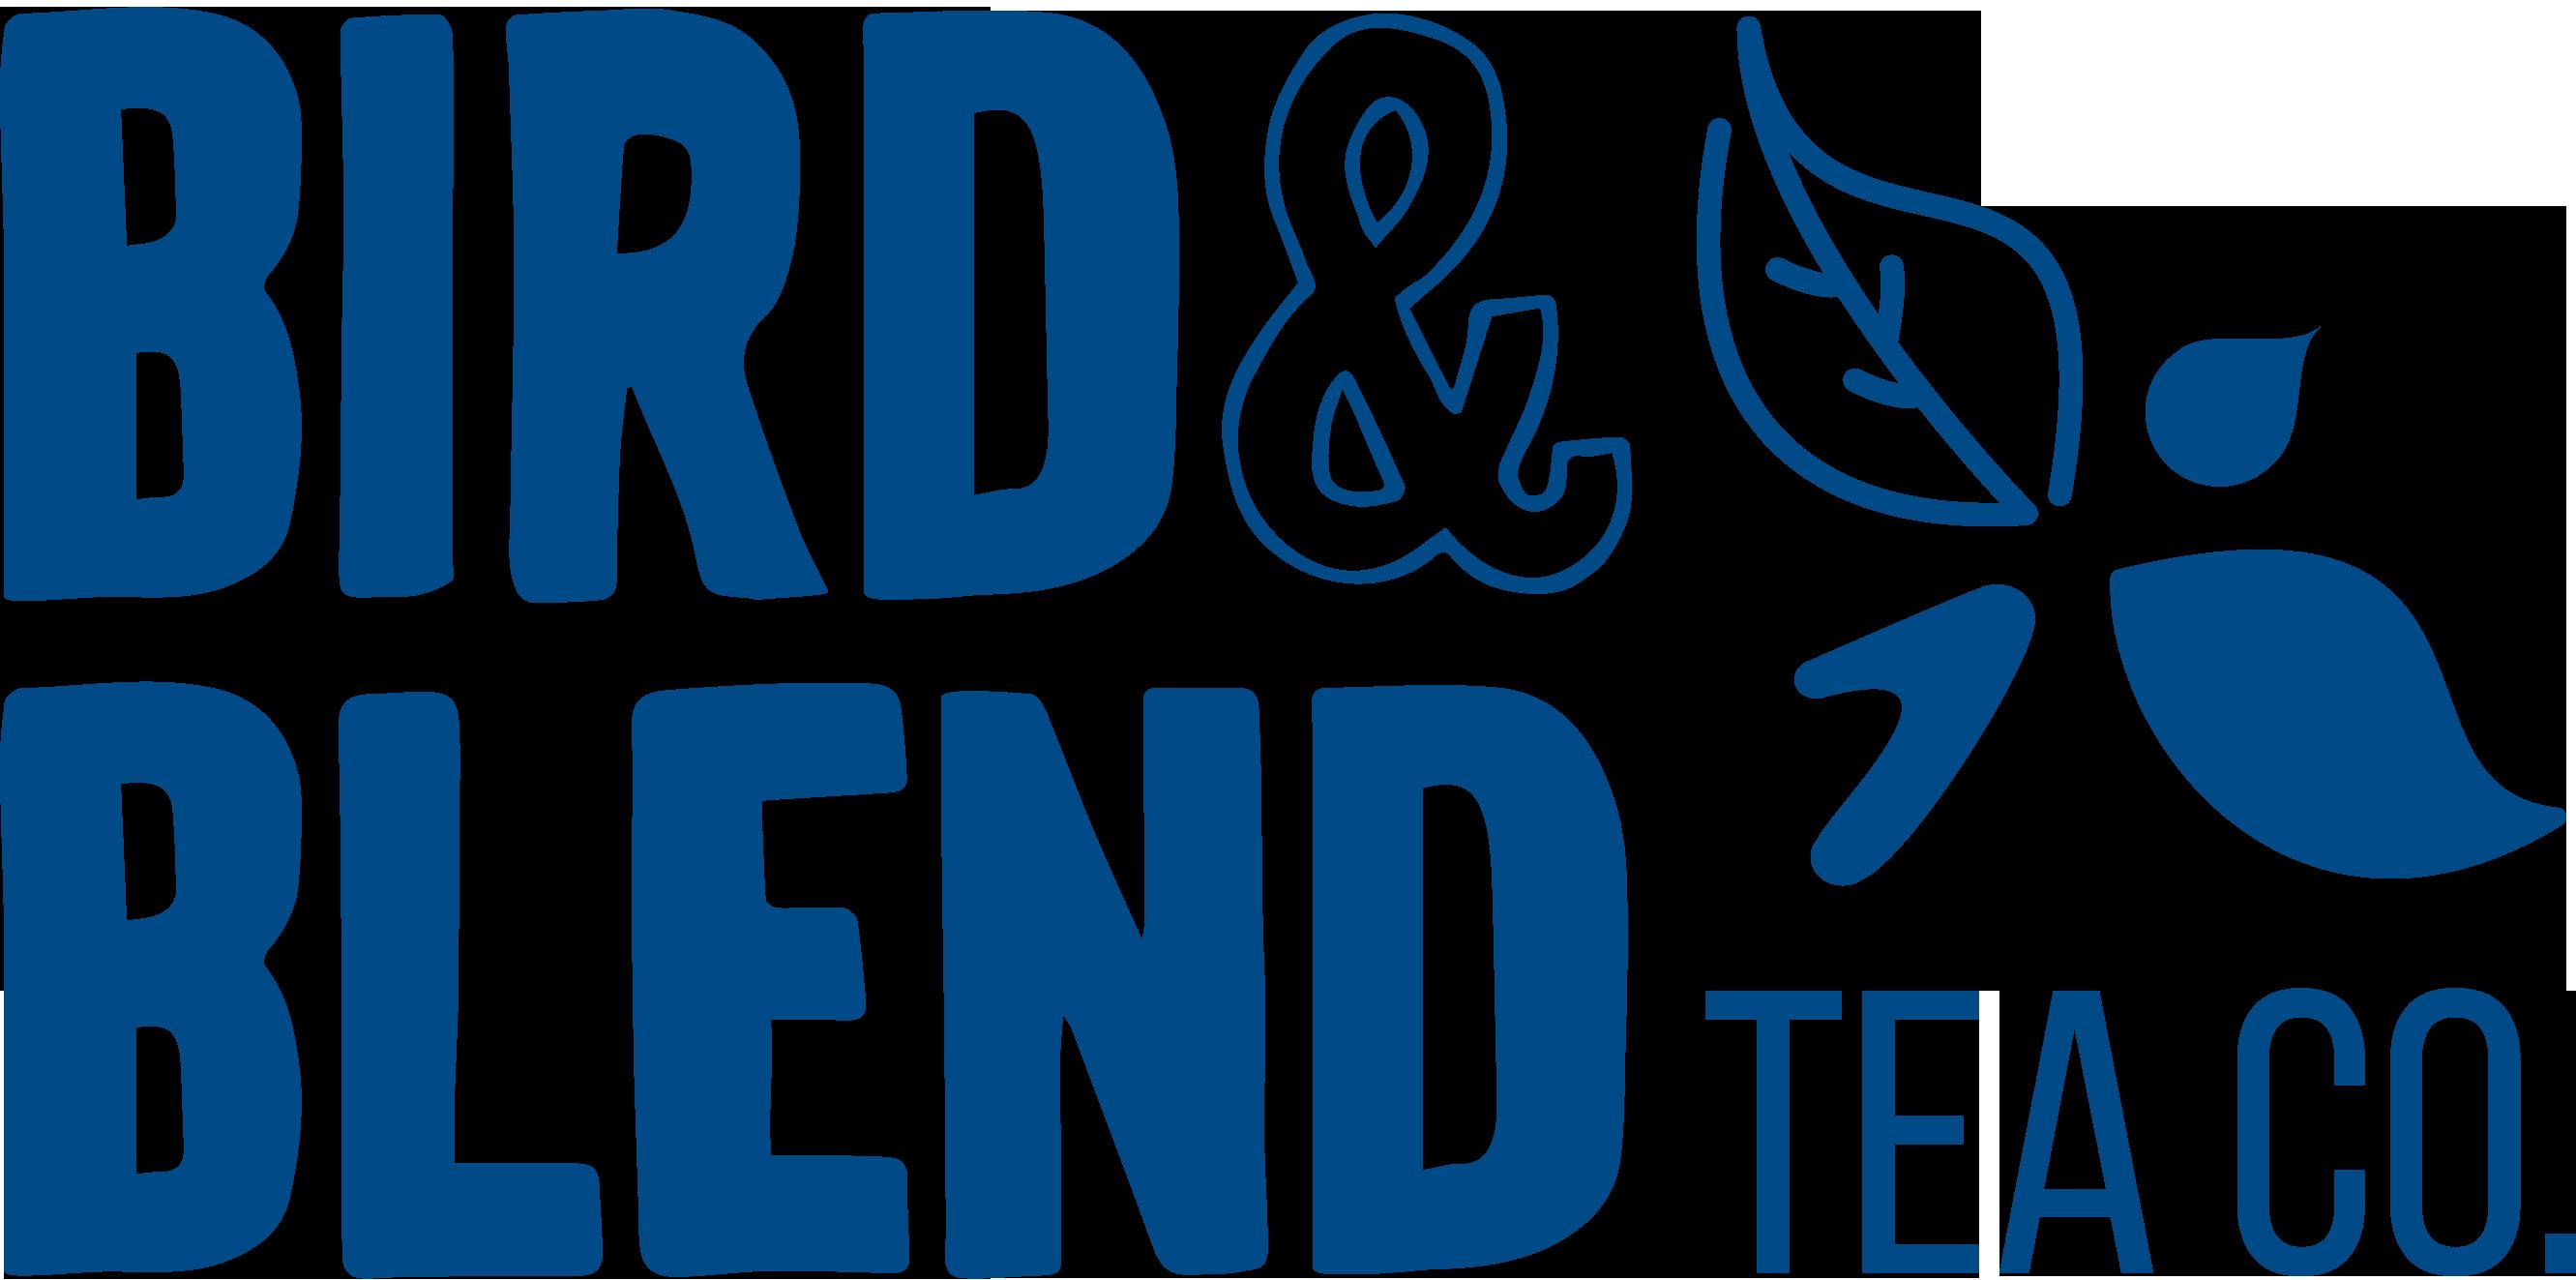 _Digital Bird&Blend Logo